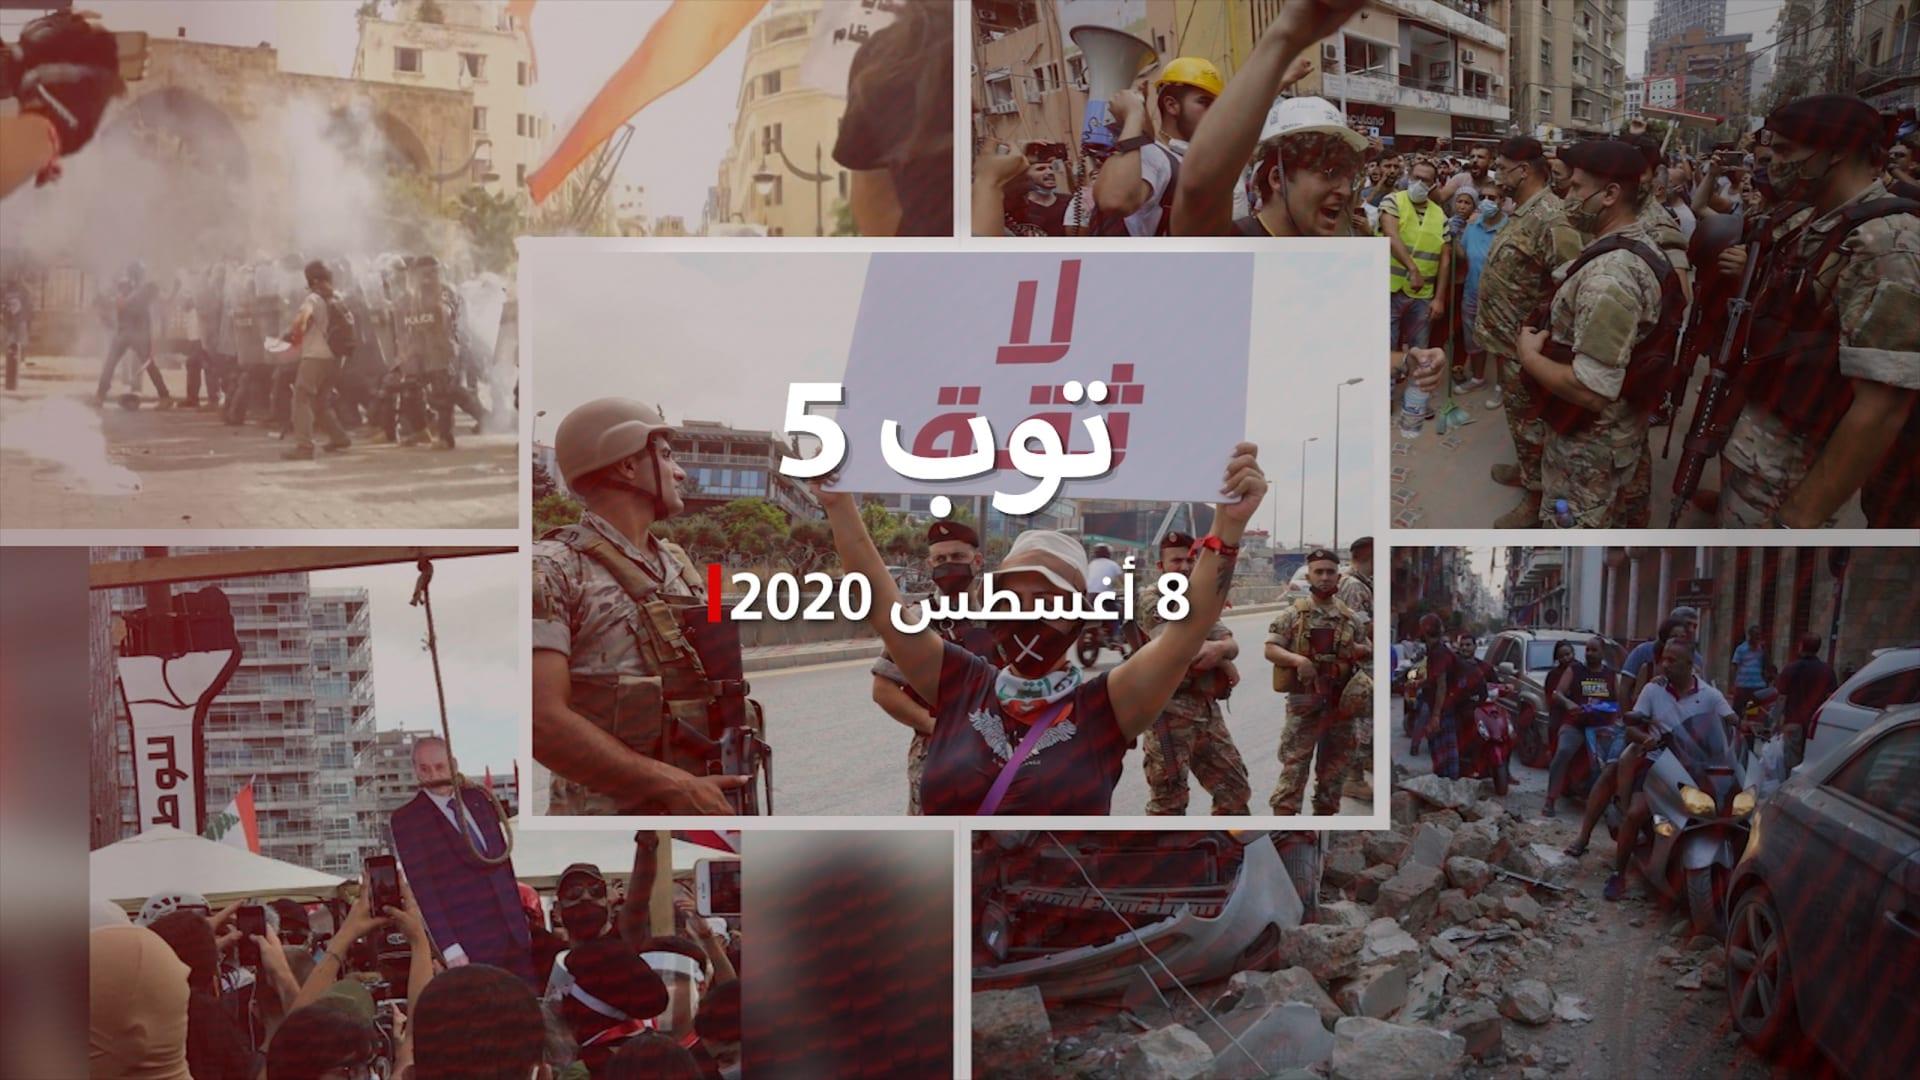 """توب 5: محتجون يقتحمون مقر وزارة الخارجية اللبنانية.. لبنانيون يعلقون """"مشانق"""" رمزية لشخصيات سياسية"""